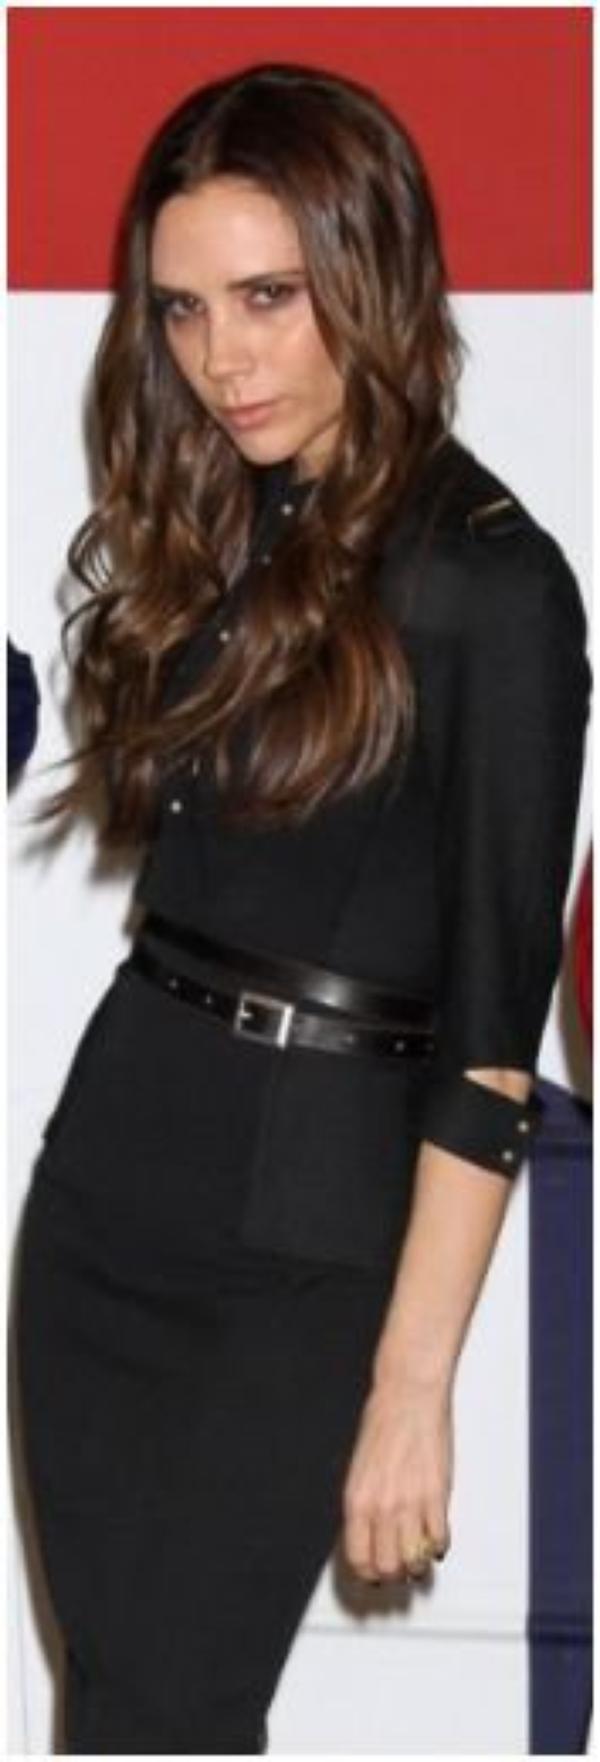 Victoria Beckham: Plus maigre que jamais, elle est au bord de l'épuisement…